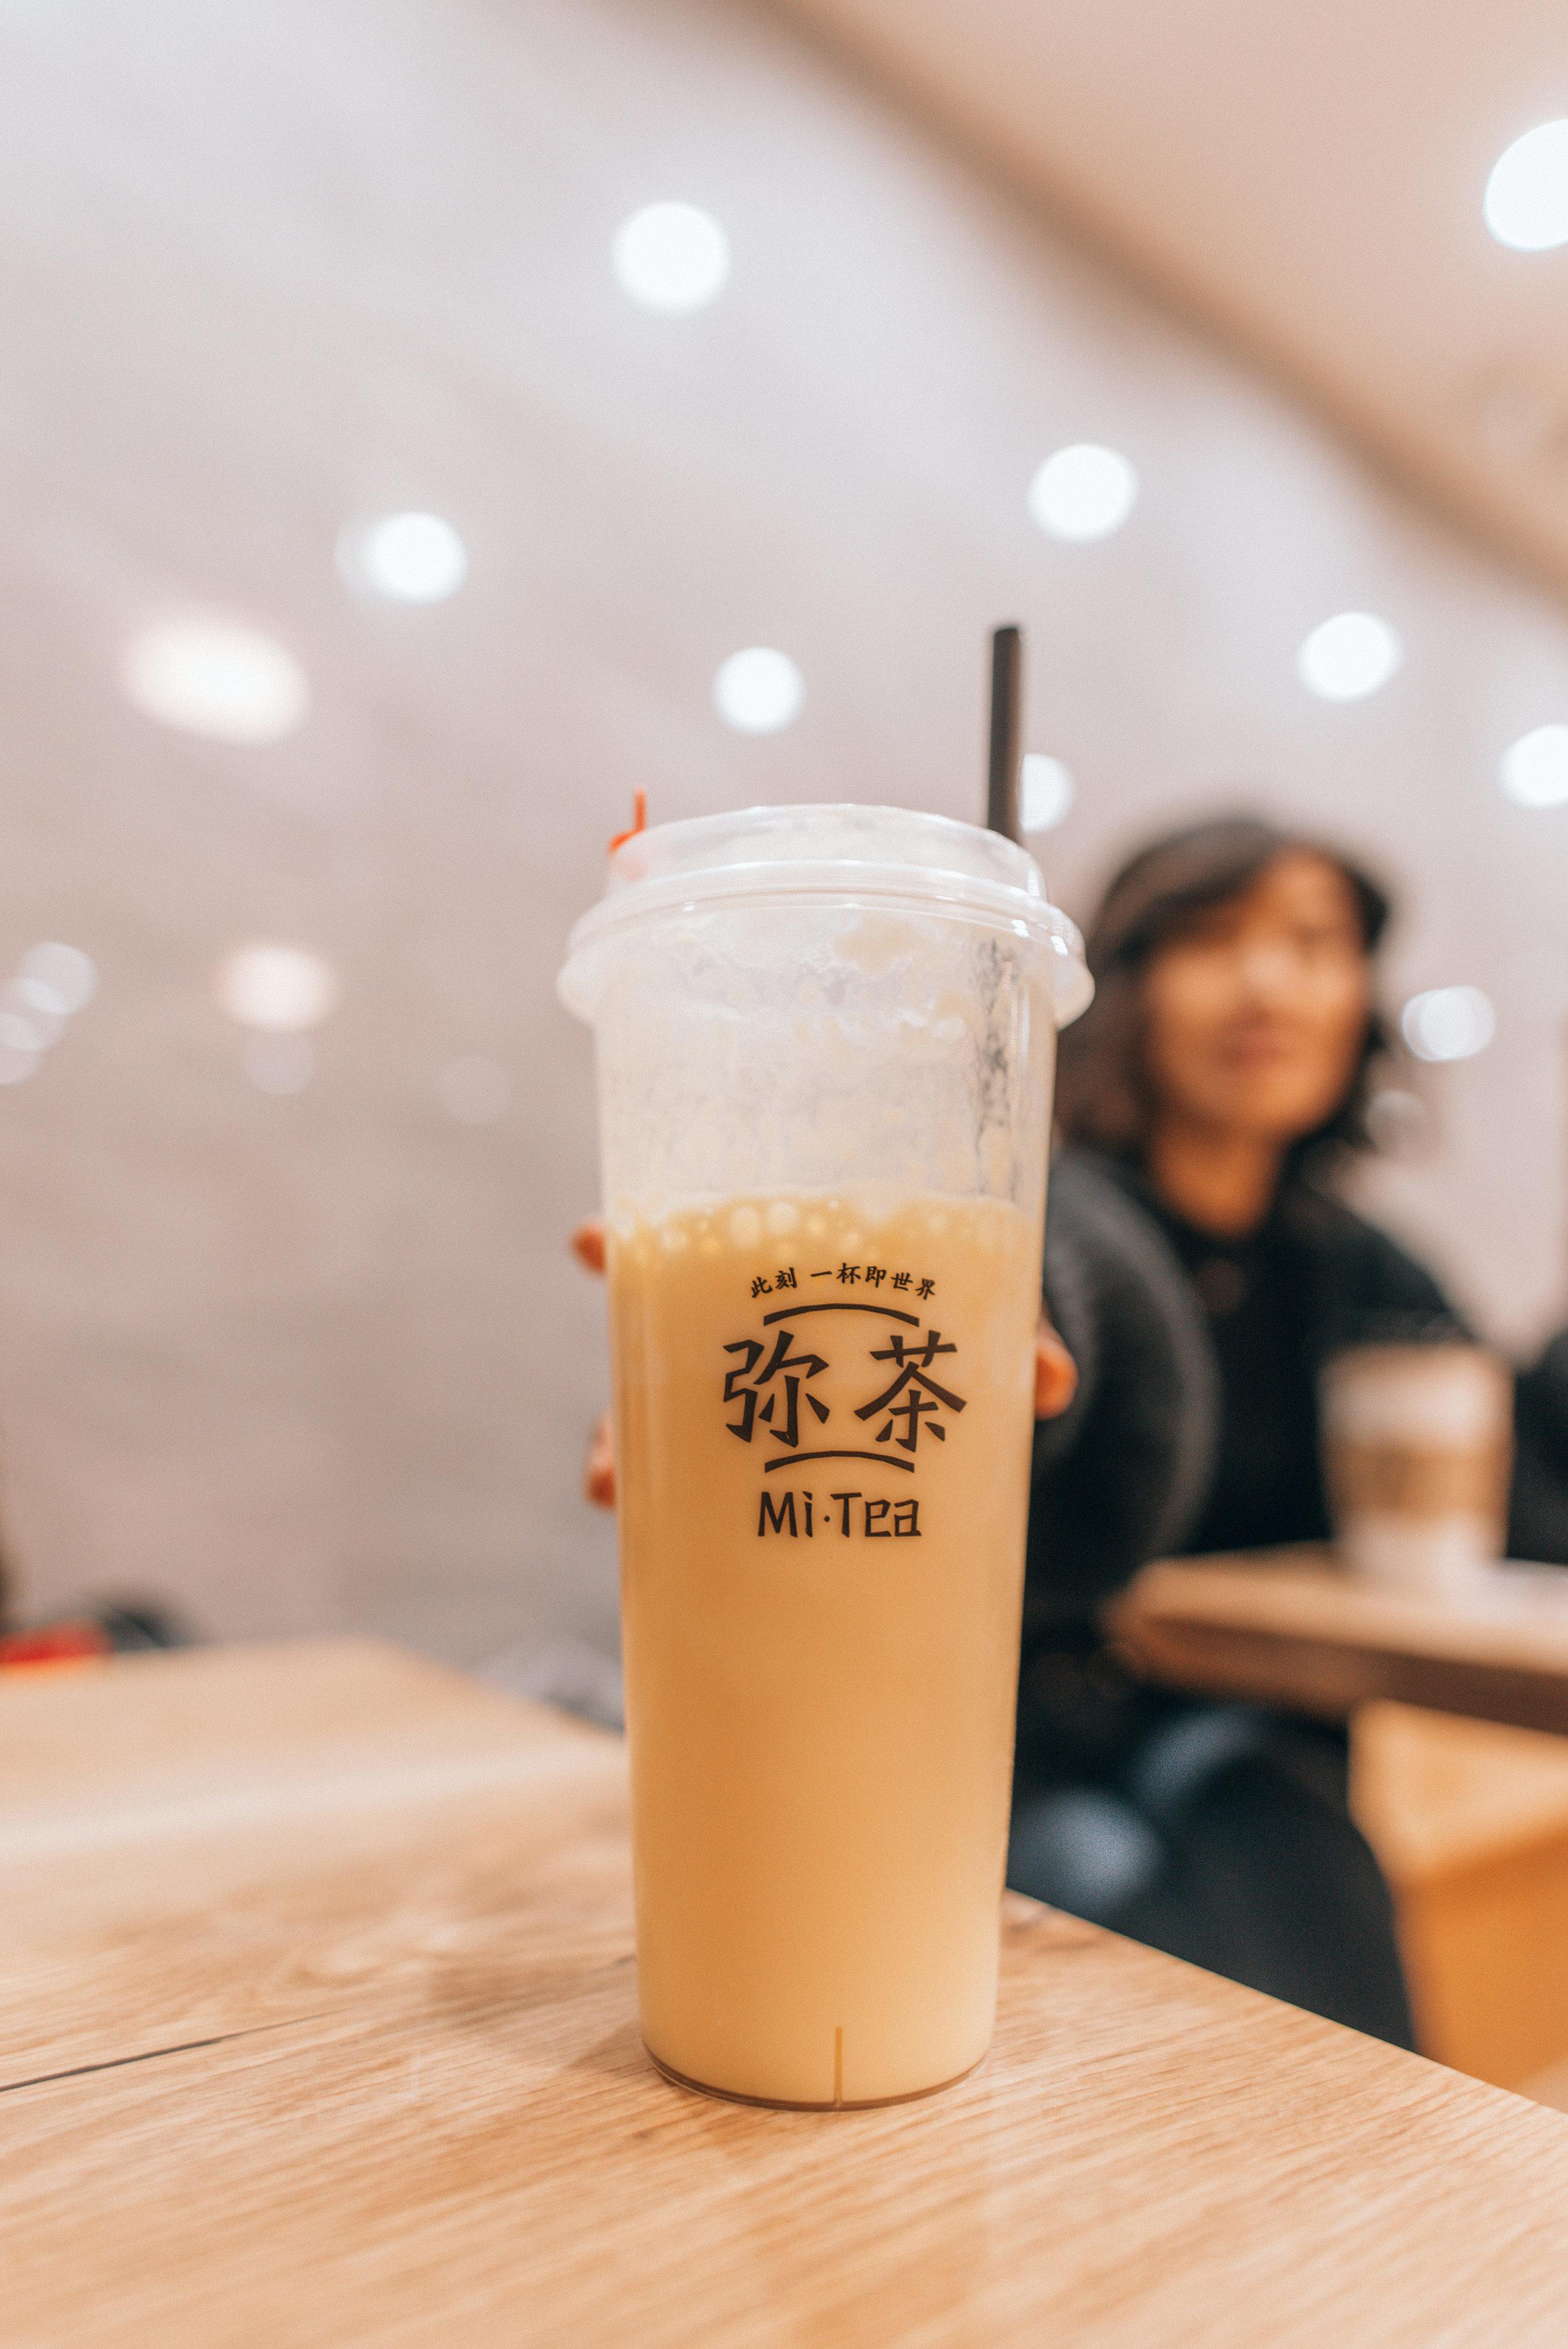 mi-tea-by-lisa-linh